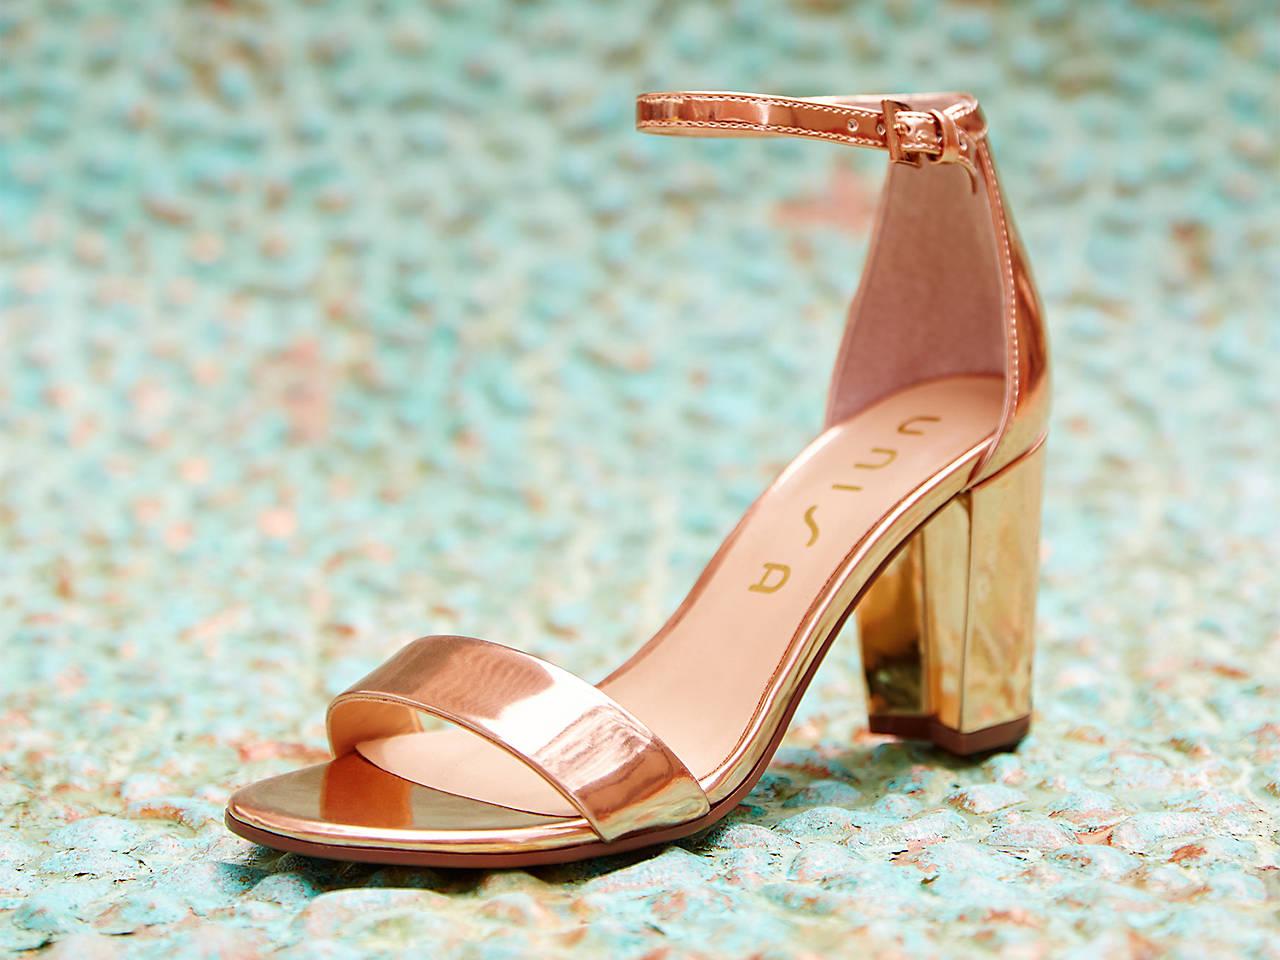 501a063d4fad Unisa Daeicy Sandal Women's Shoes | DSW